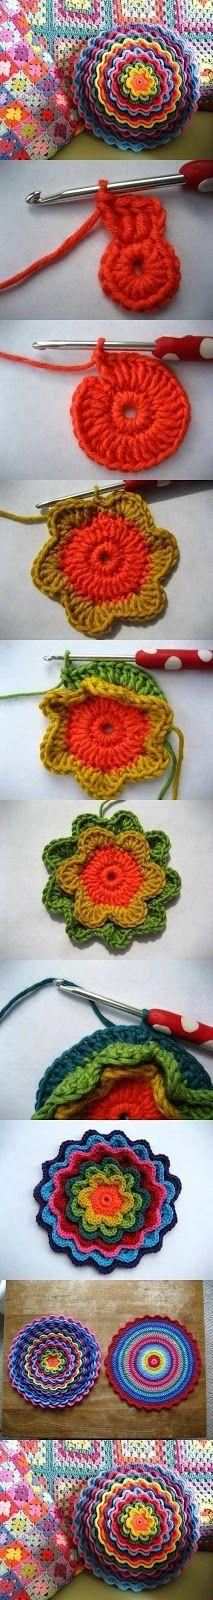 DIY Crochet Flower Pattern